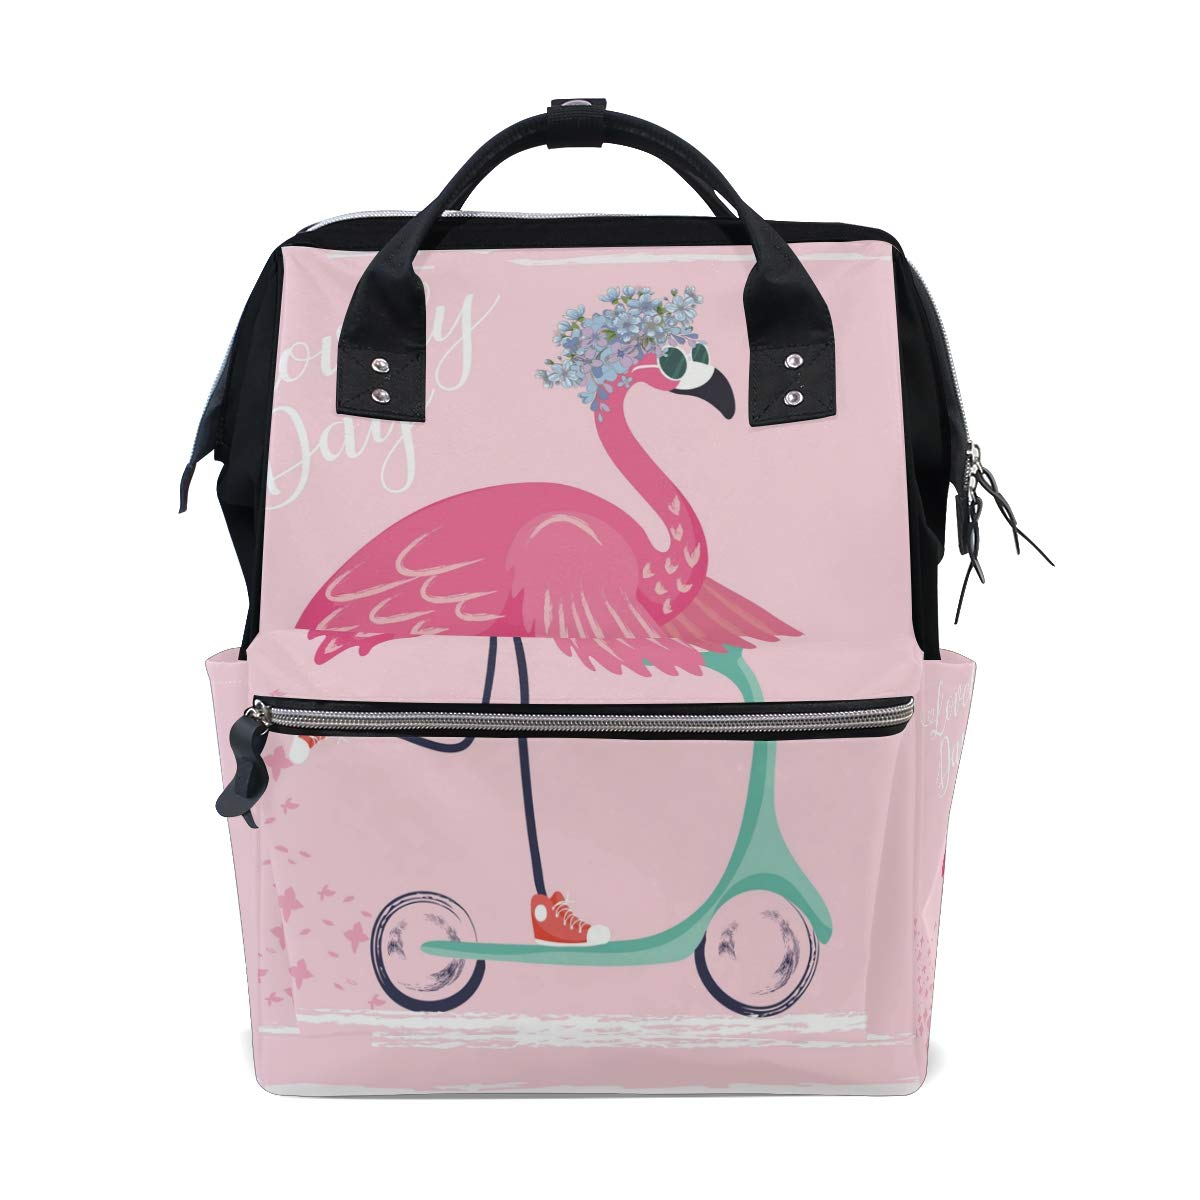 MERRYSUGAR Diaper Bag Backpack Flamingo Pink Multifunction Travel Bag